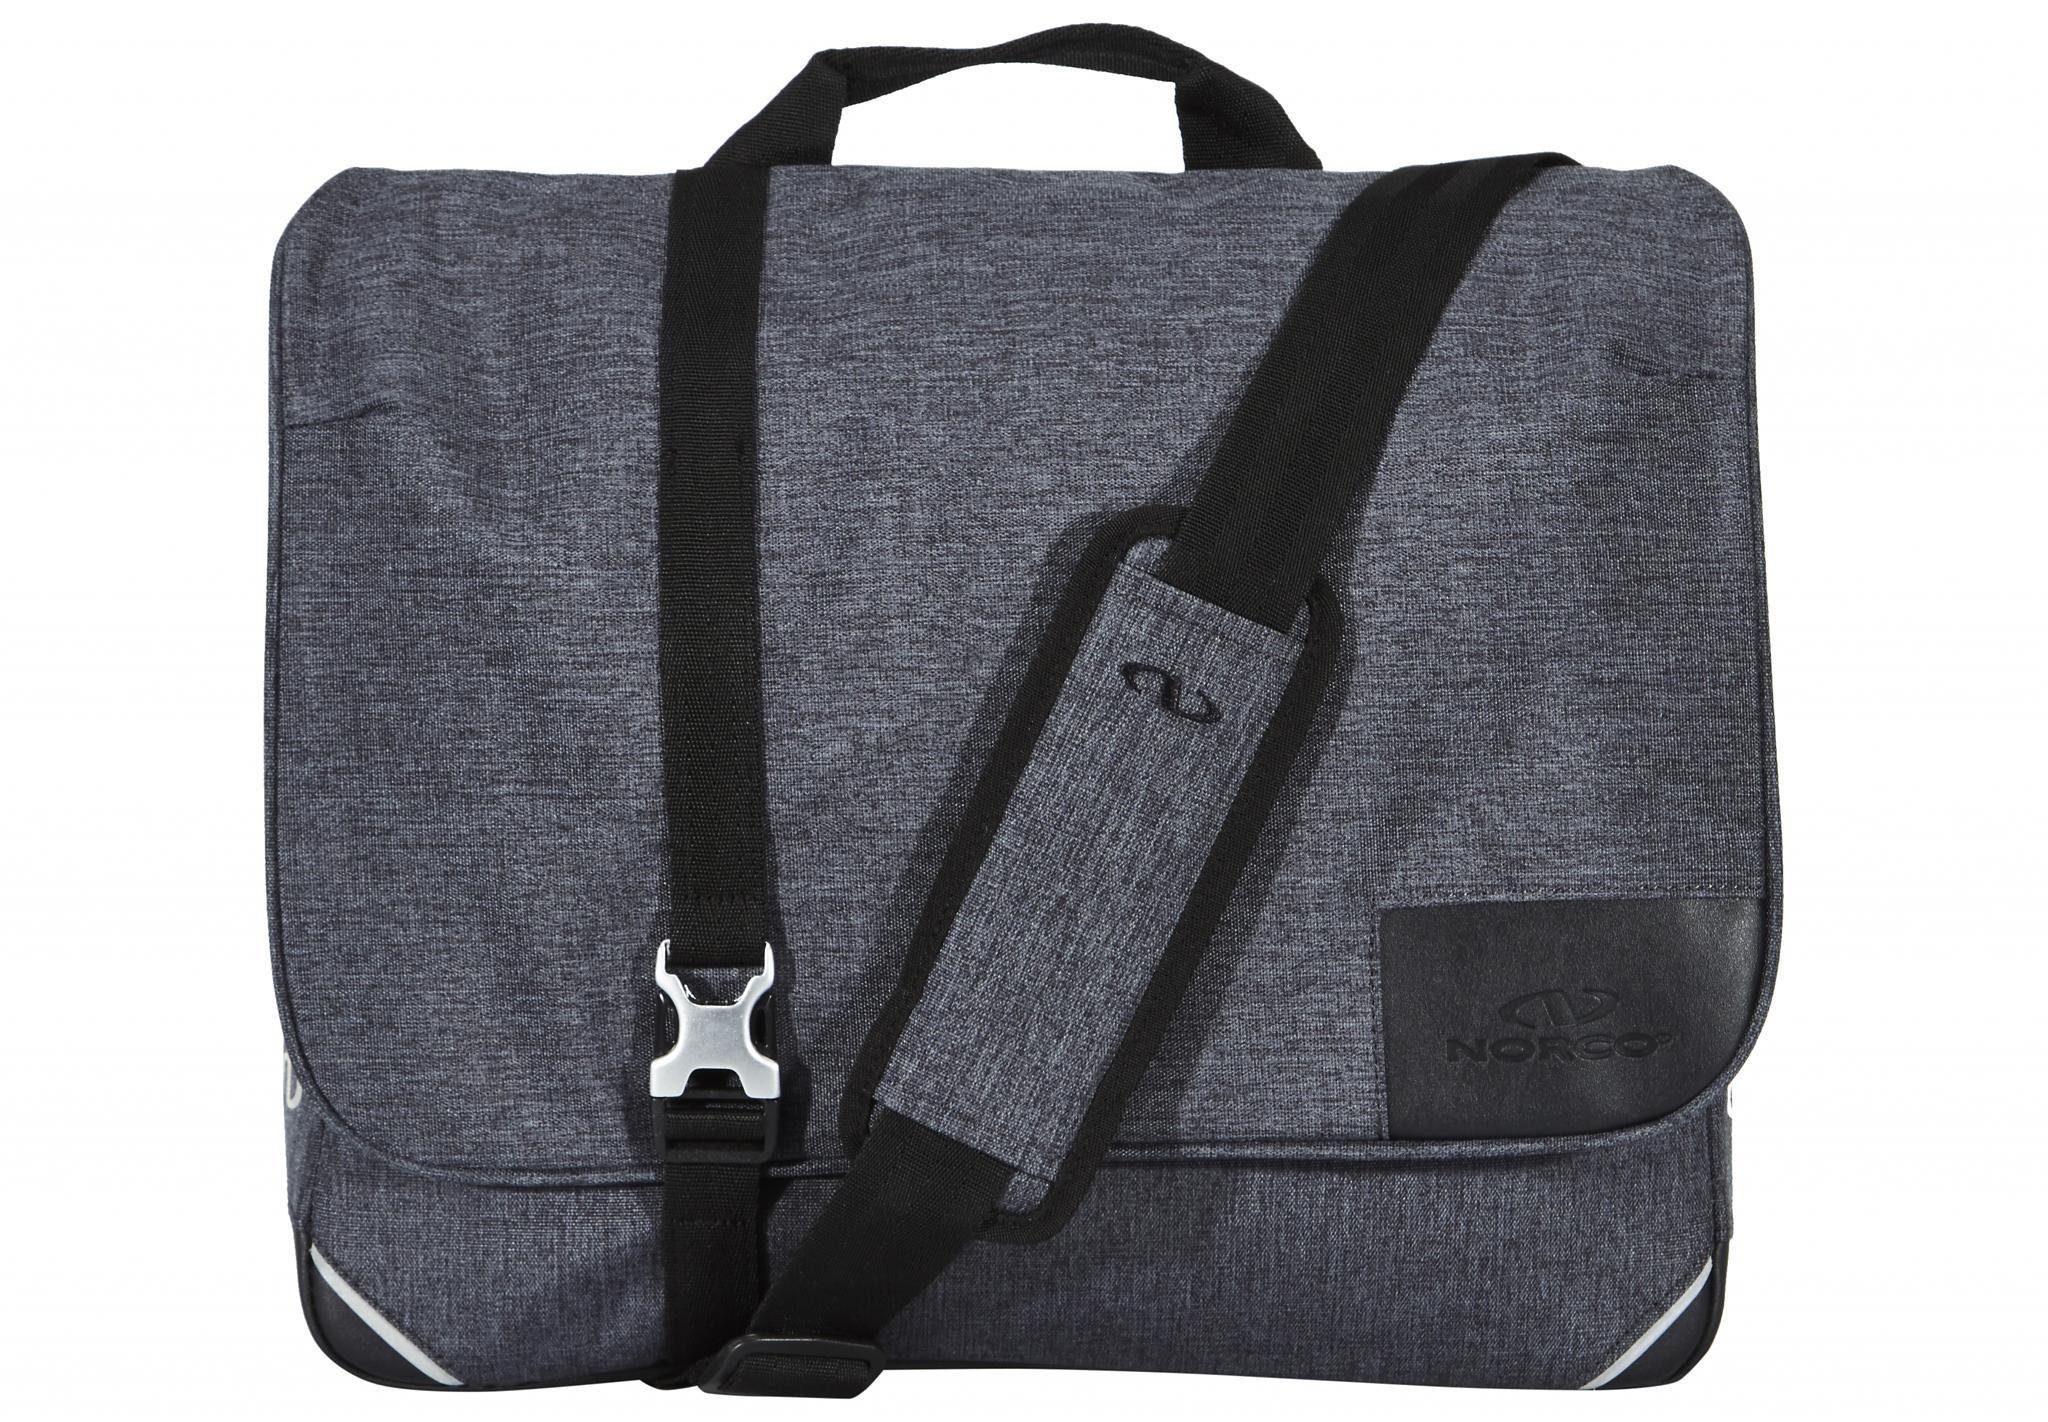 Norco Gepäckträgertasche »Finsbury Commuter Tasche«